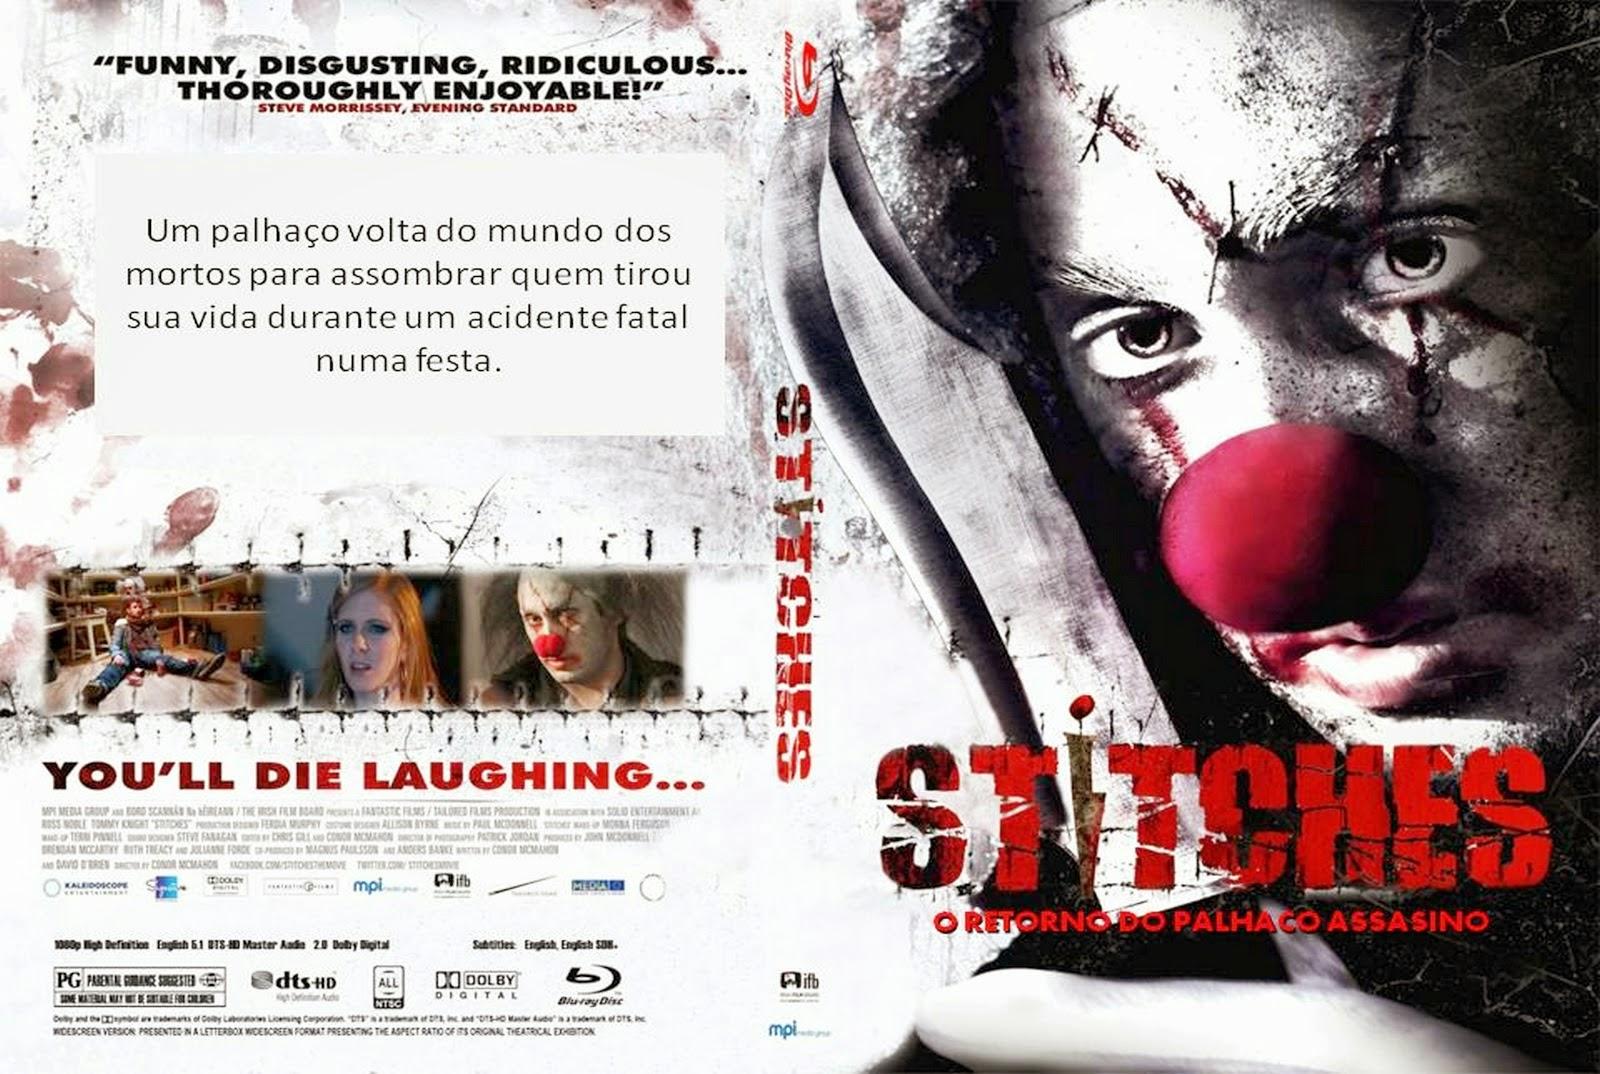 Stitches - O Retorno do Palhaço Assassino DVD Capa